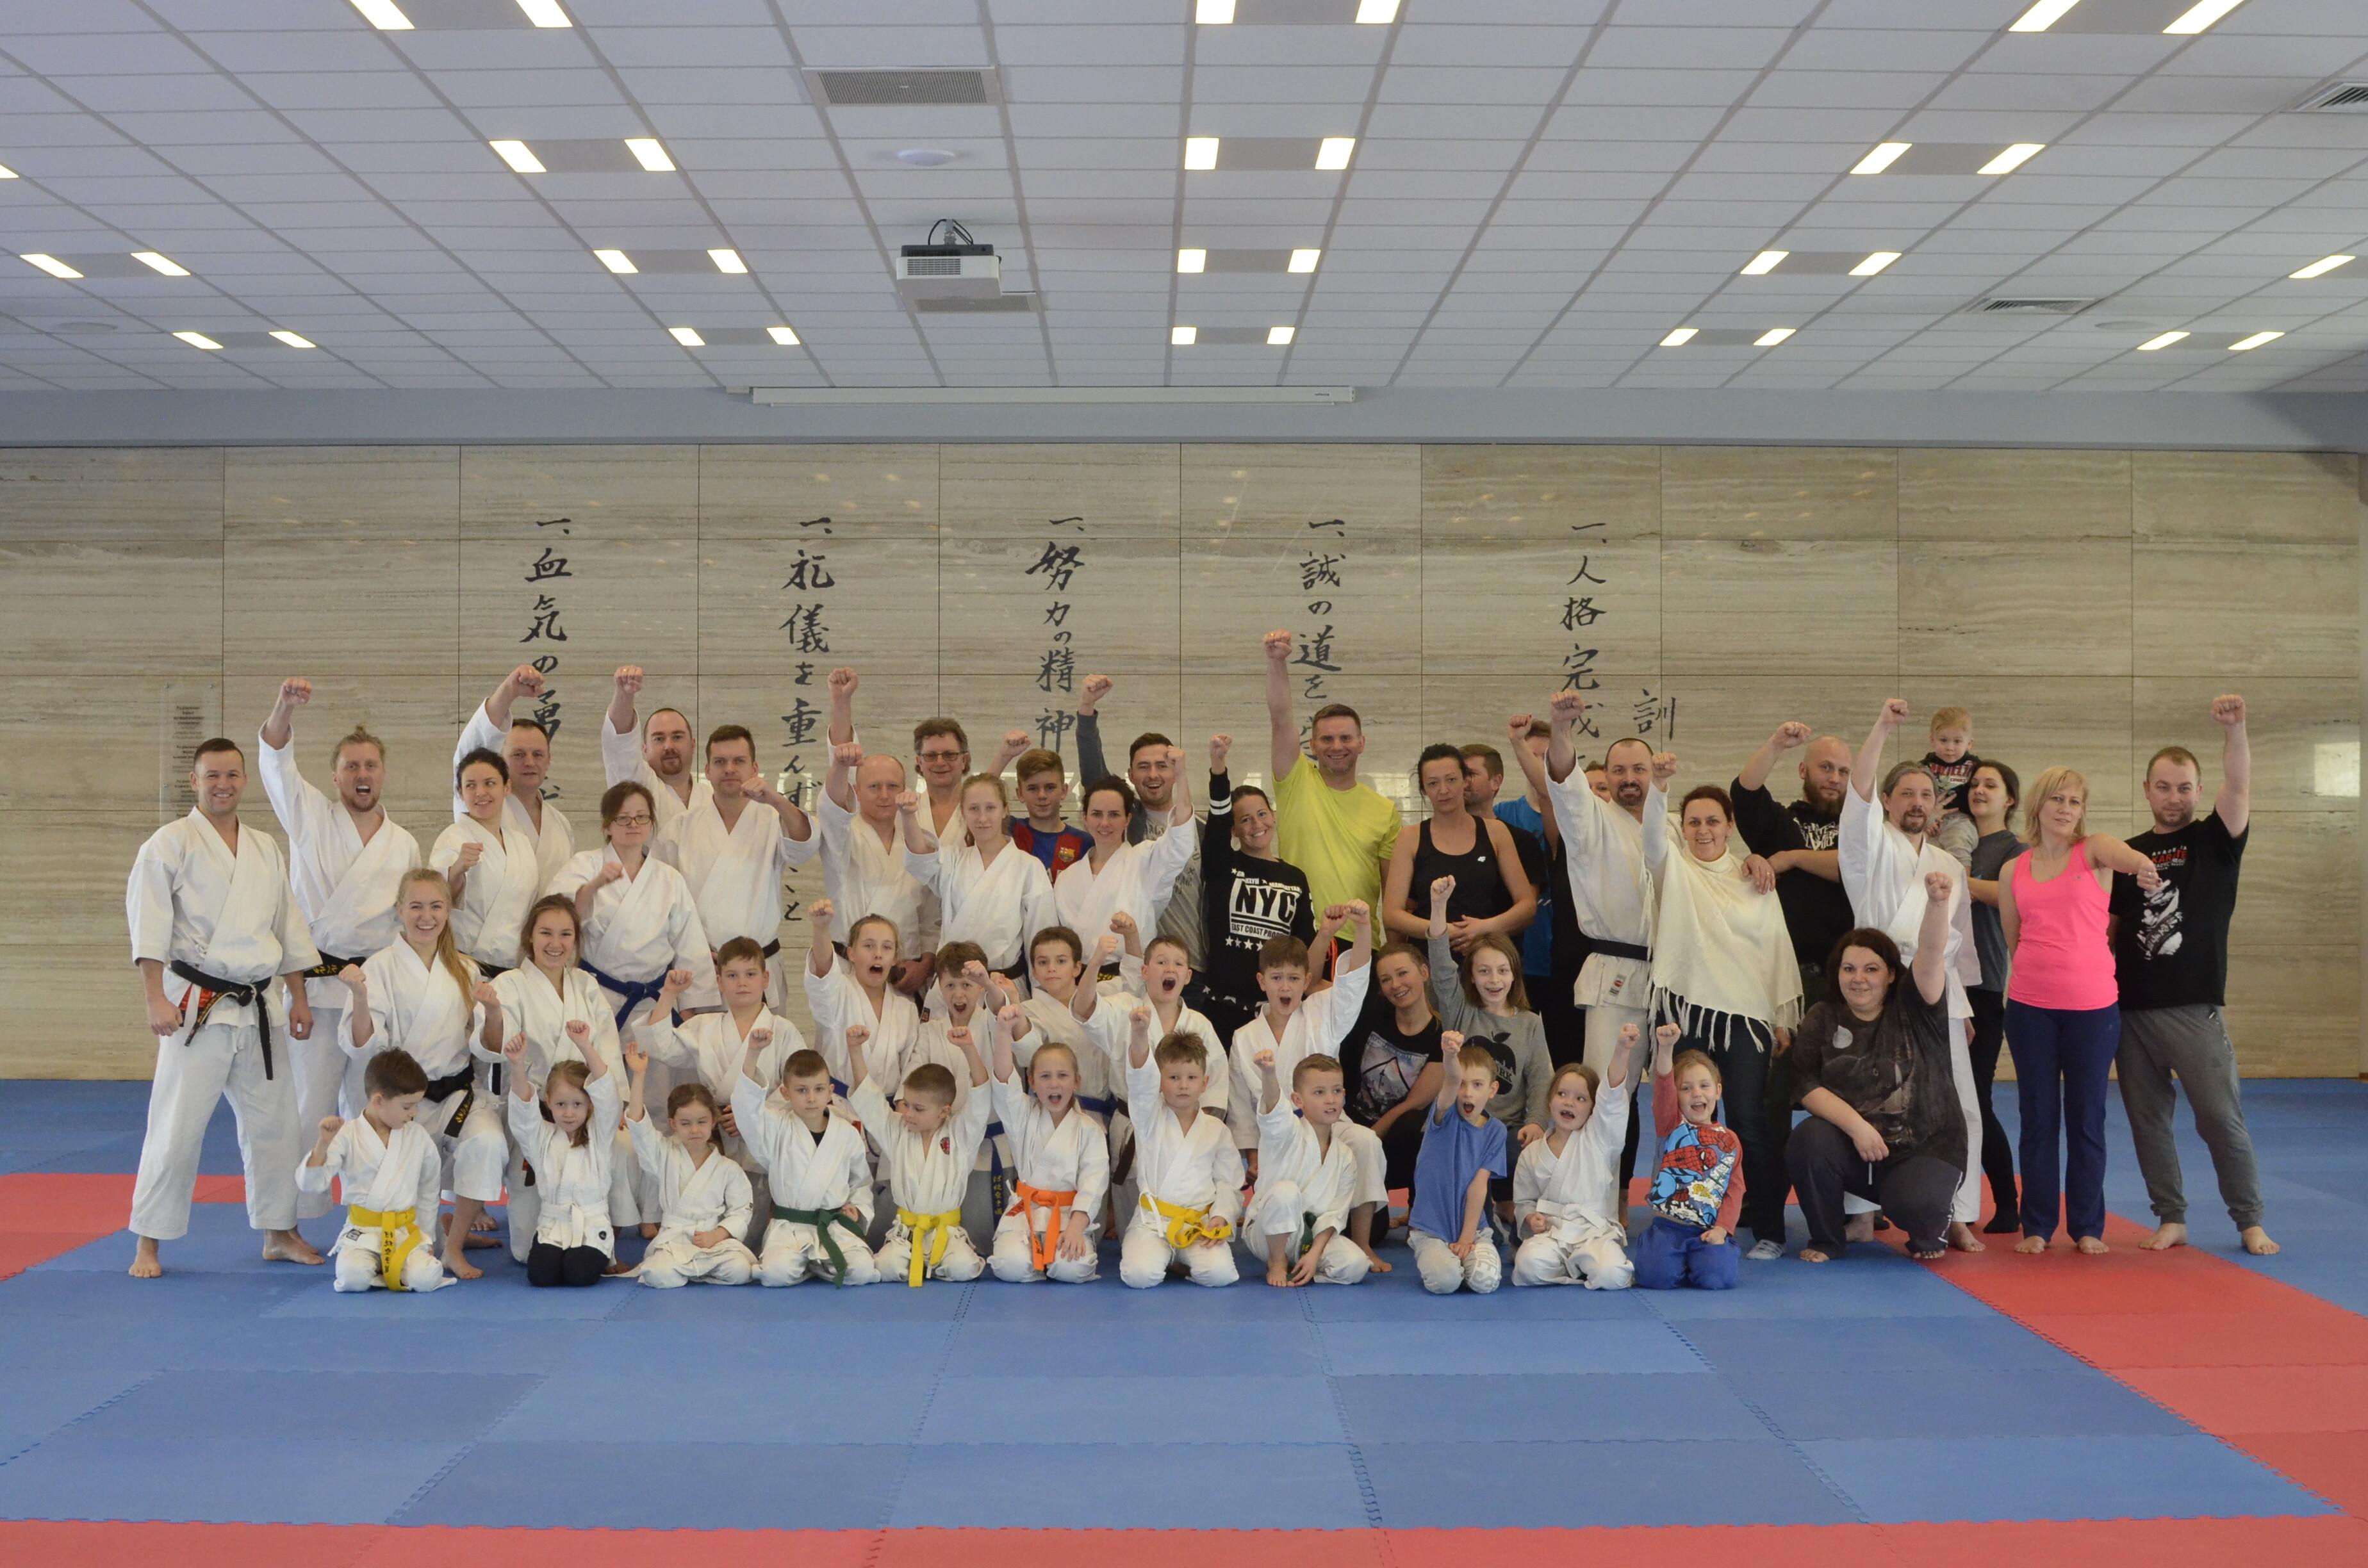 <p>Grupa 70 karateków i sympatyków karate spędziła wraz z najbliższymi 3 aktywne dni w Dojo  Stara Wieś (10-12 lutego 2017), podczas rodzinnego weekendu. </p>